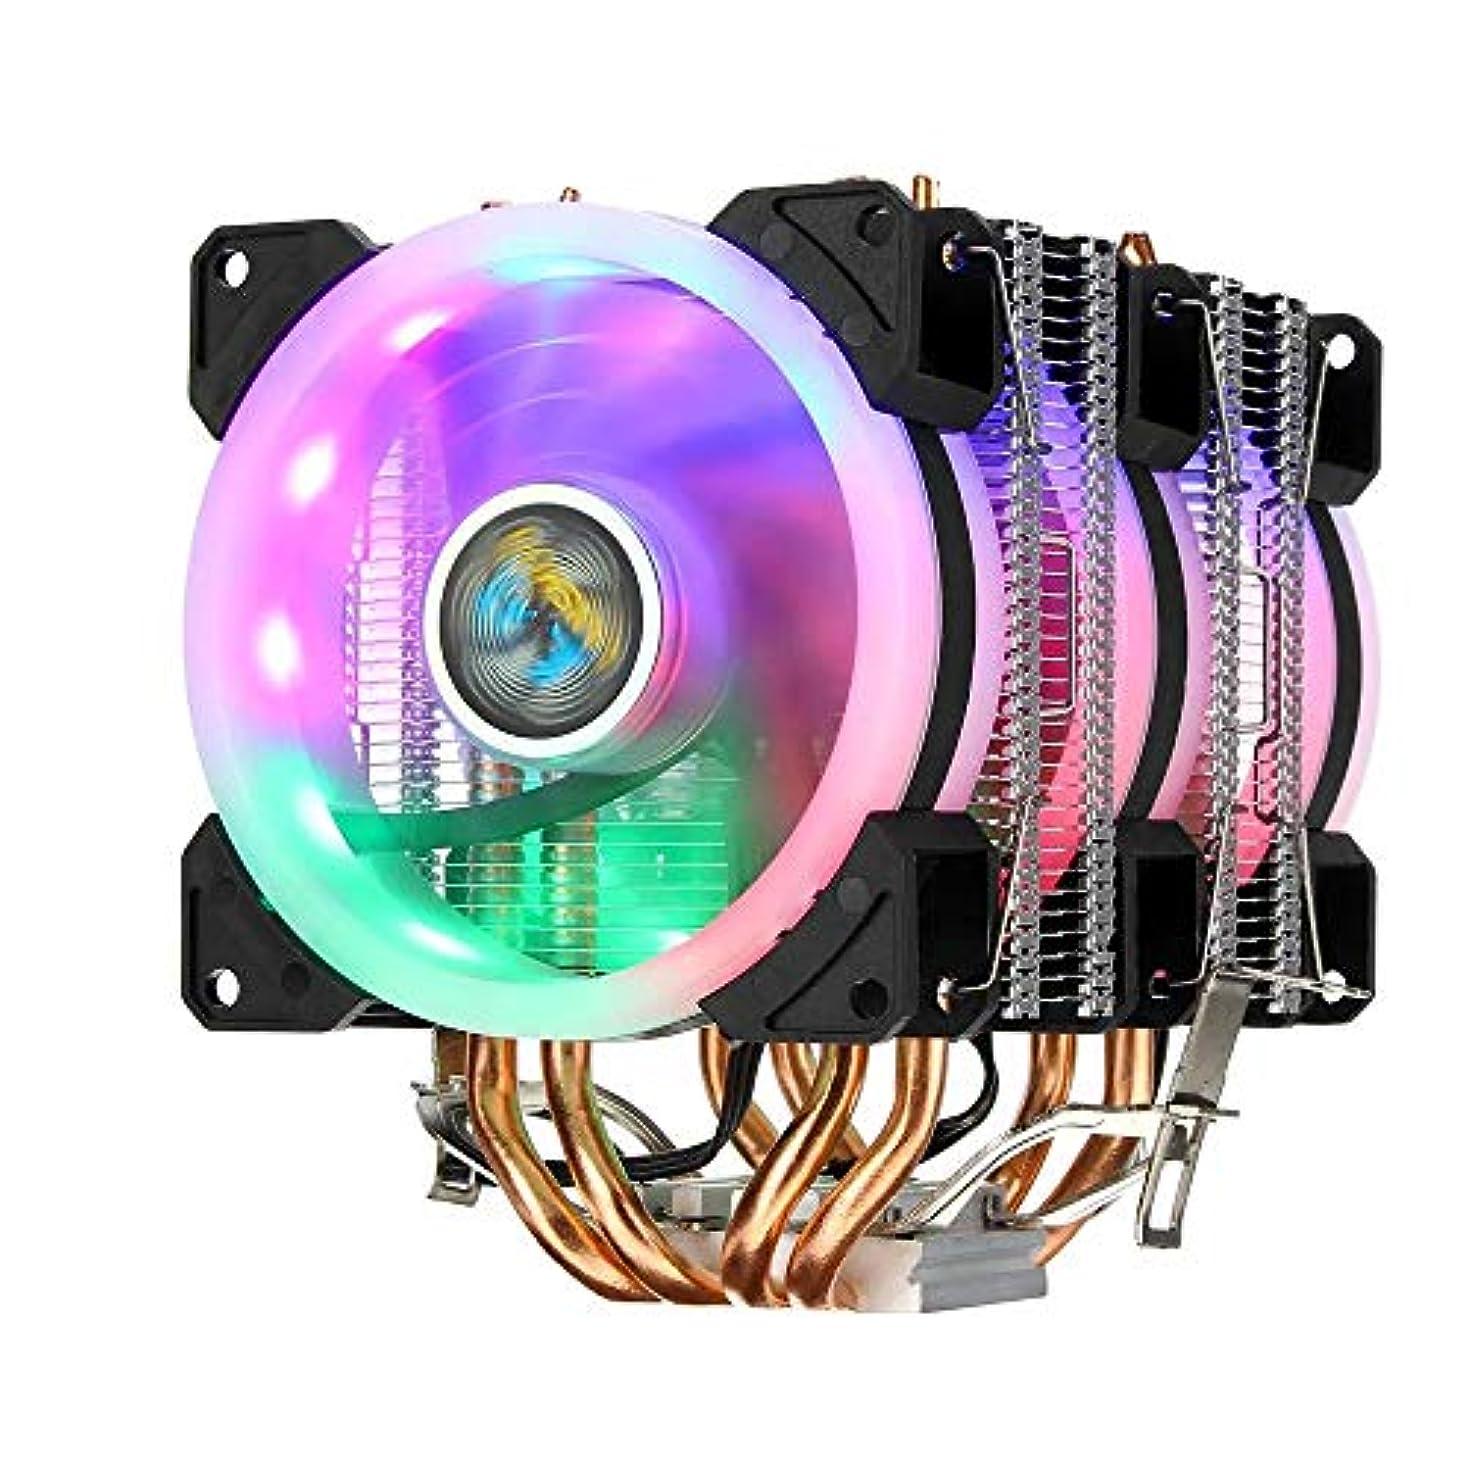 途方もない省広くPCケースファン インテルAMDコンピュータケースファンとの互換性のファンクーラーヒートシンクを冷却カラフルなバックライト付き3ピン3人のファン4銅管デュアルタワーCPU (Color : Black, Size : One size)